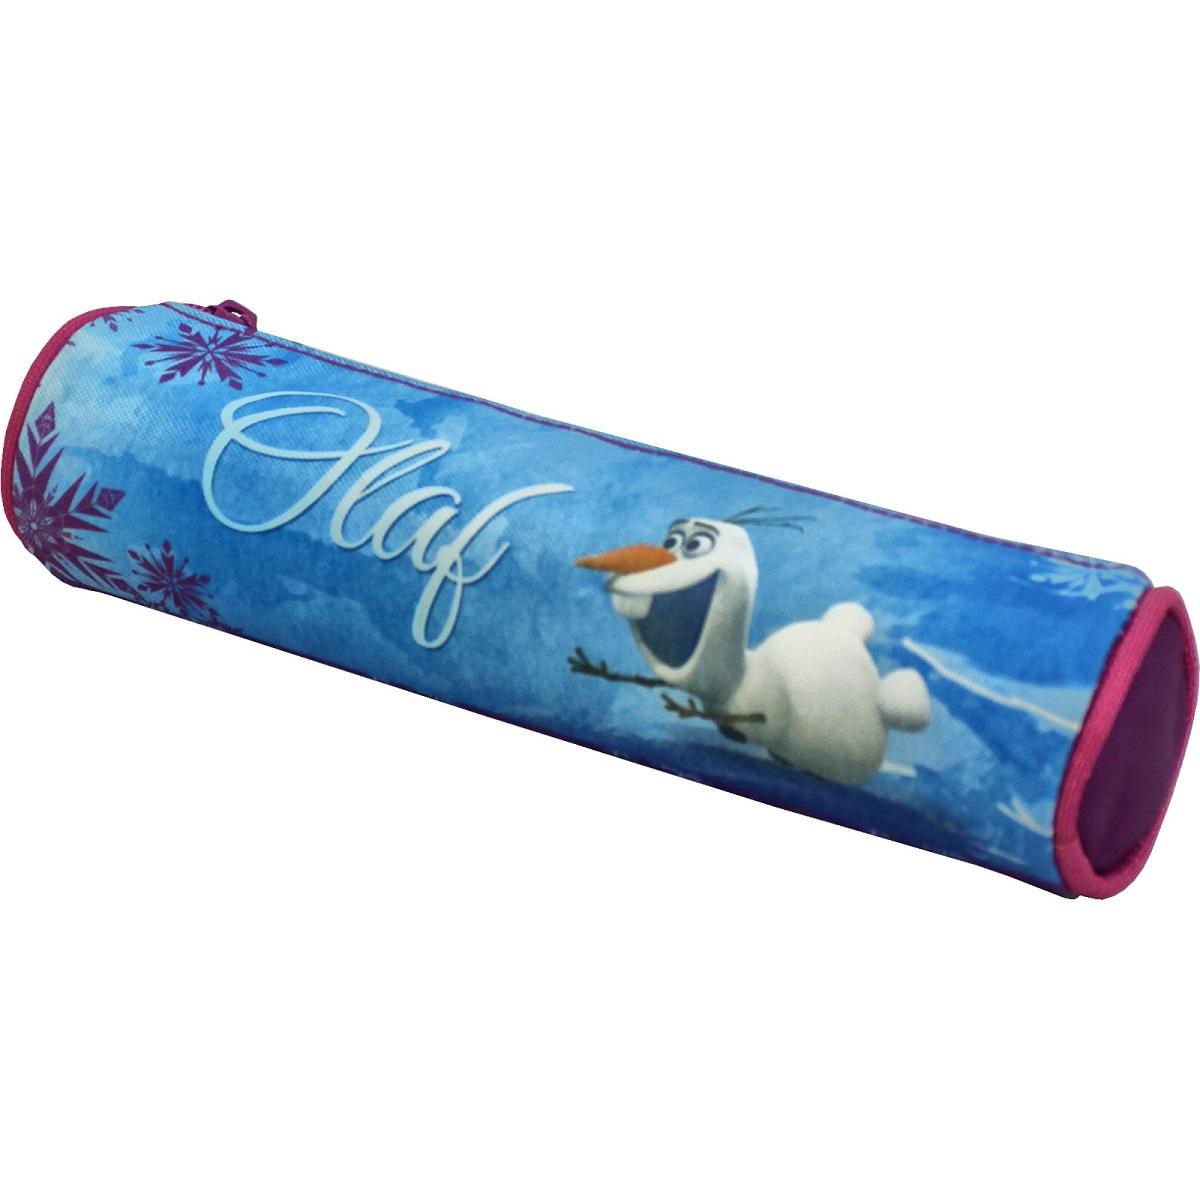 Disney Frozen Пенал-тубус Олаф34650_желтый, зеленыйПенал-тубус Disney Frozen обязательно придется по душе любой девочке, ведь ходить в школу вместе с любимым героем вдвойне интереснее. Он надежно сохранит все мелкие школьные принадлежности в целости и сохранности. Пенал изготовлен из прочной, качественной ткани, поэтому служить будет долго.Аксессуар декорирован ярким принтом (сублимированной печатью).